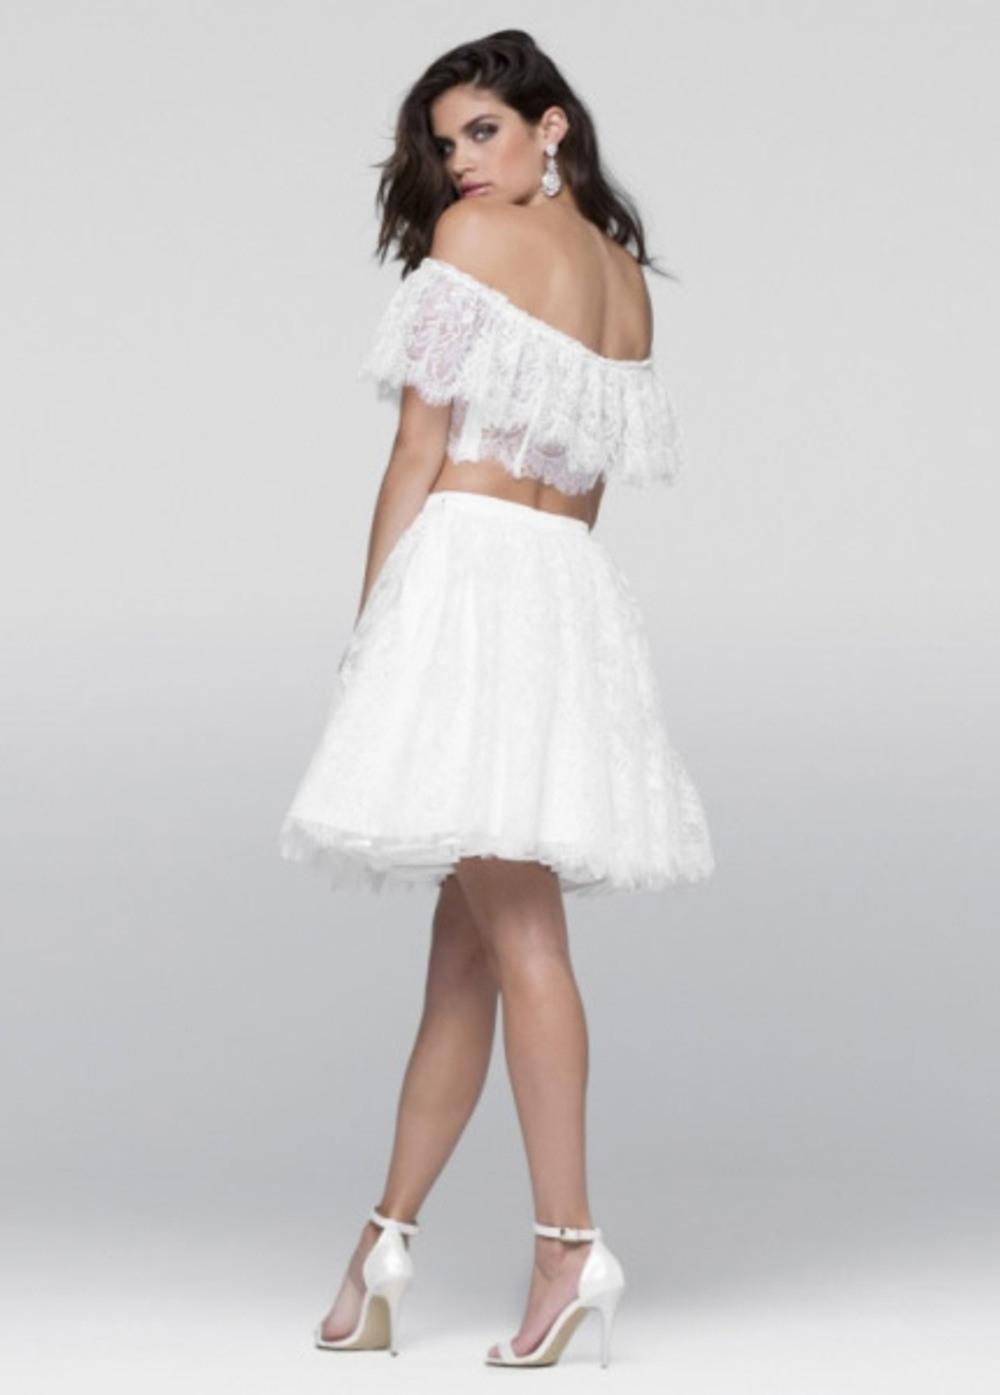 13 Luxurius Edle Kleider für 201913 Schön Edle Kleider Stylish